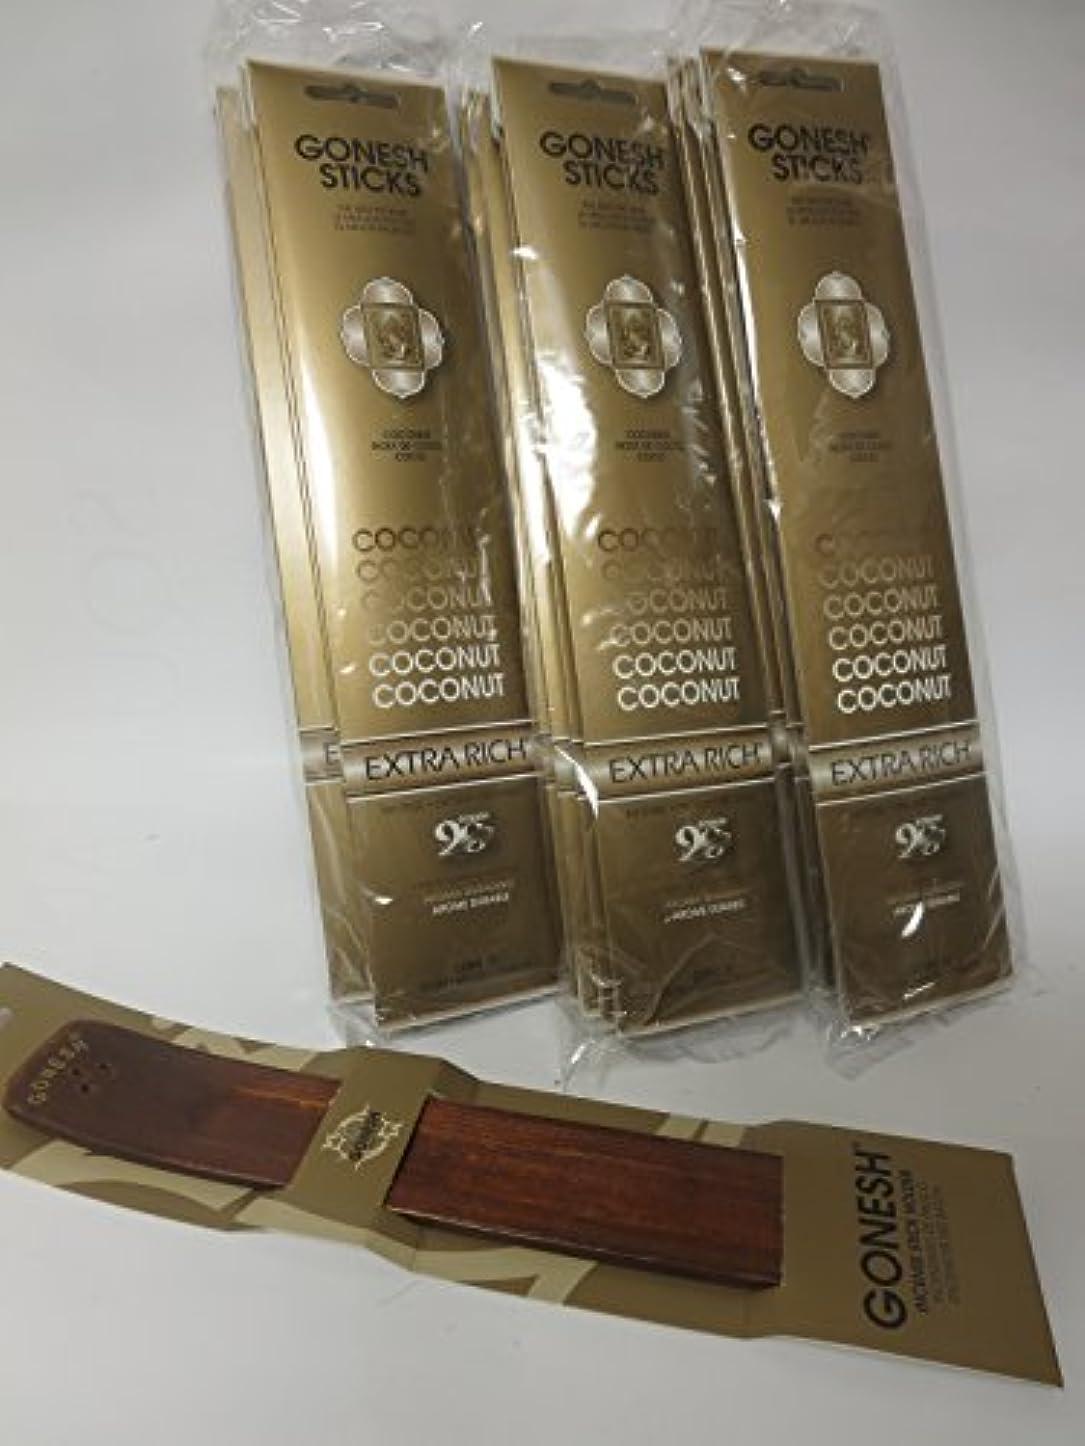 水分コーラス繁栄Gonesh Incense Sticks Coconut Lot of 12